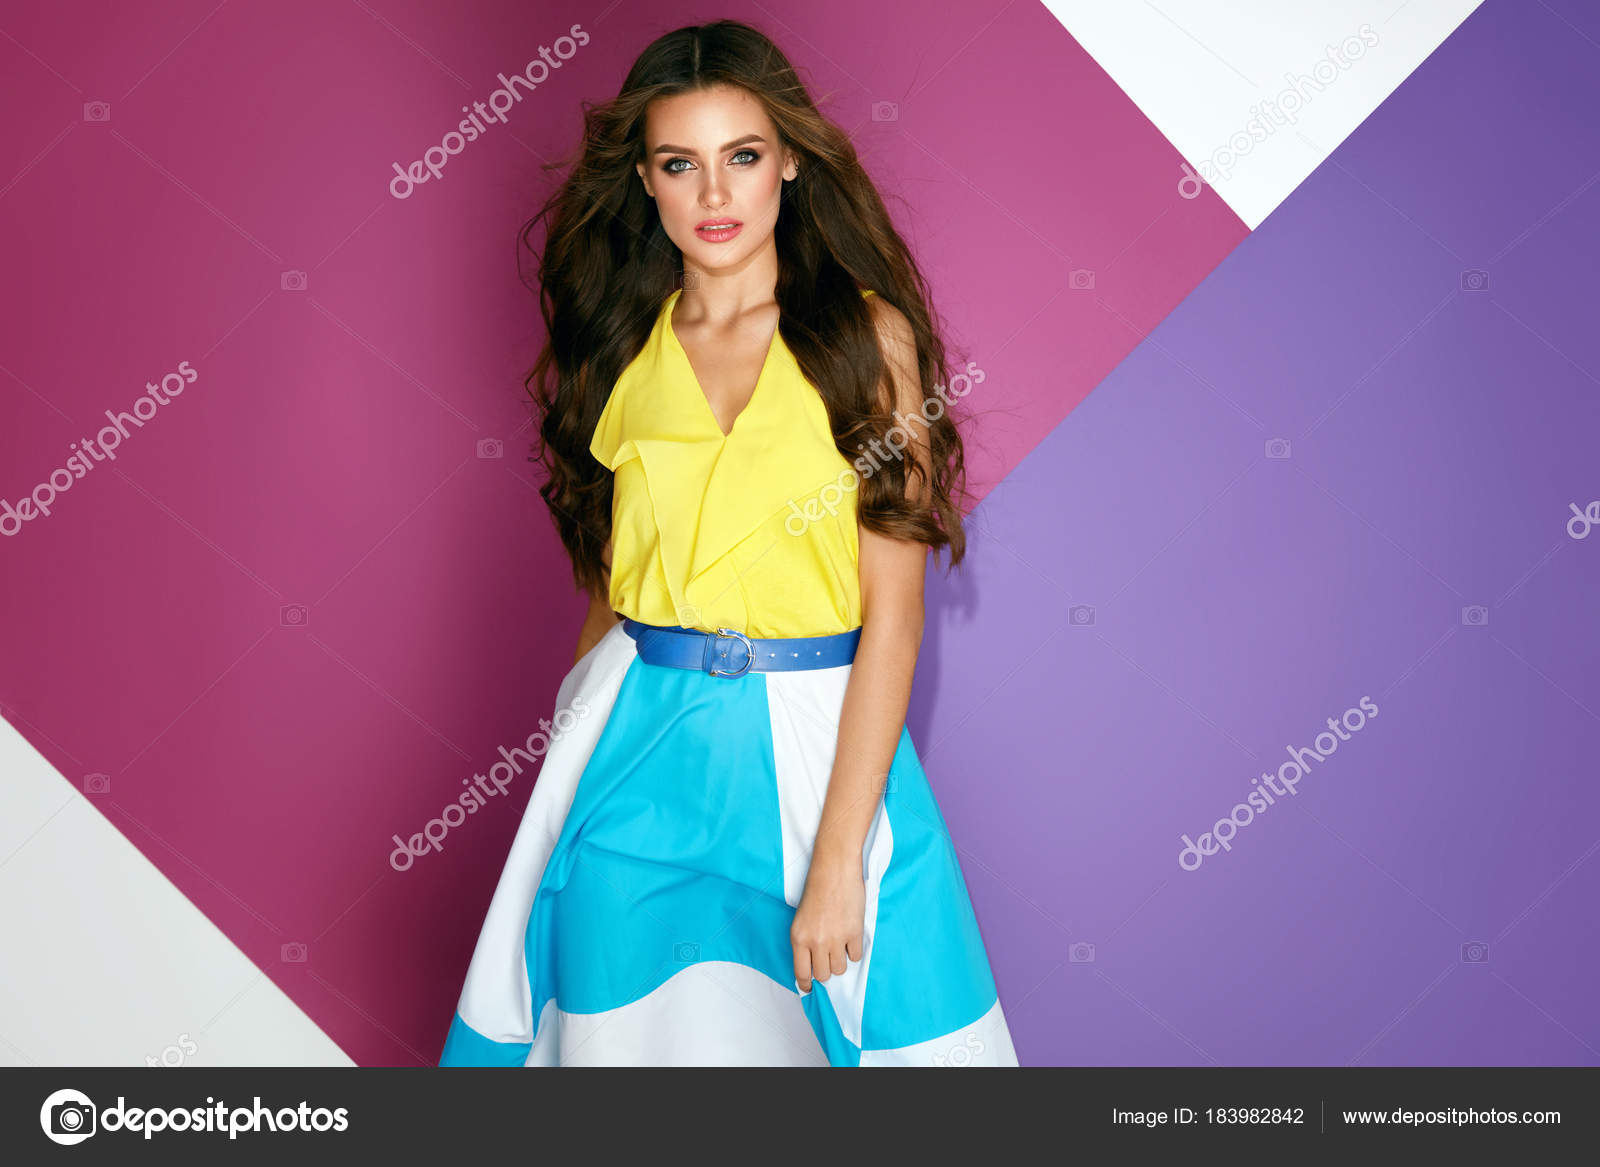 482944d47107f Moda giysiler. Şık yazlık elbise kız güzel — Stok Foto © puhhha ...